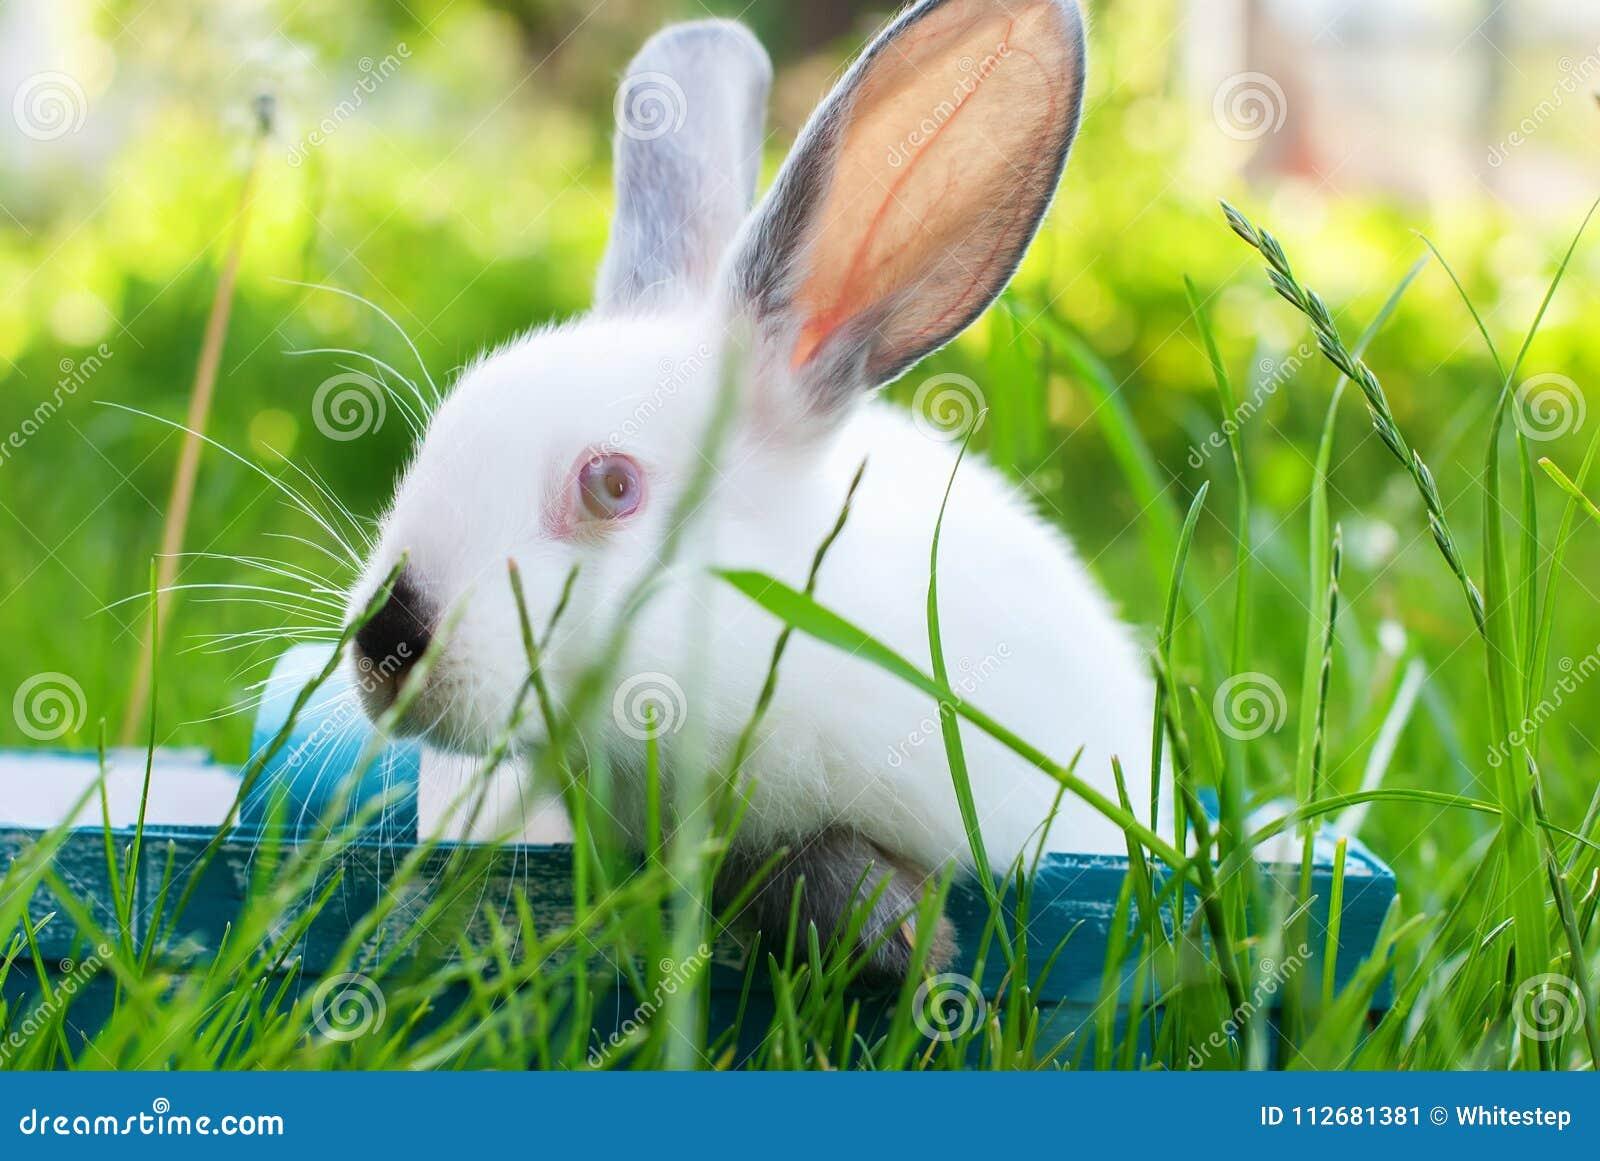 White Rabbit Blue Wattled Basket Green Grass Easter Stock Image